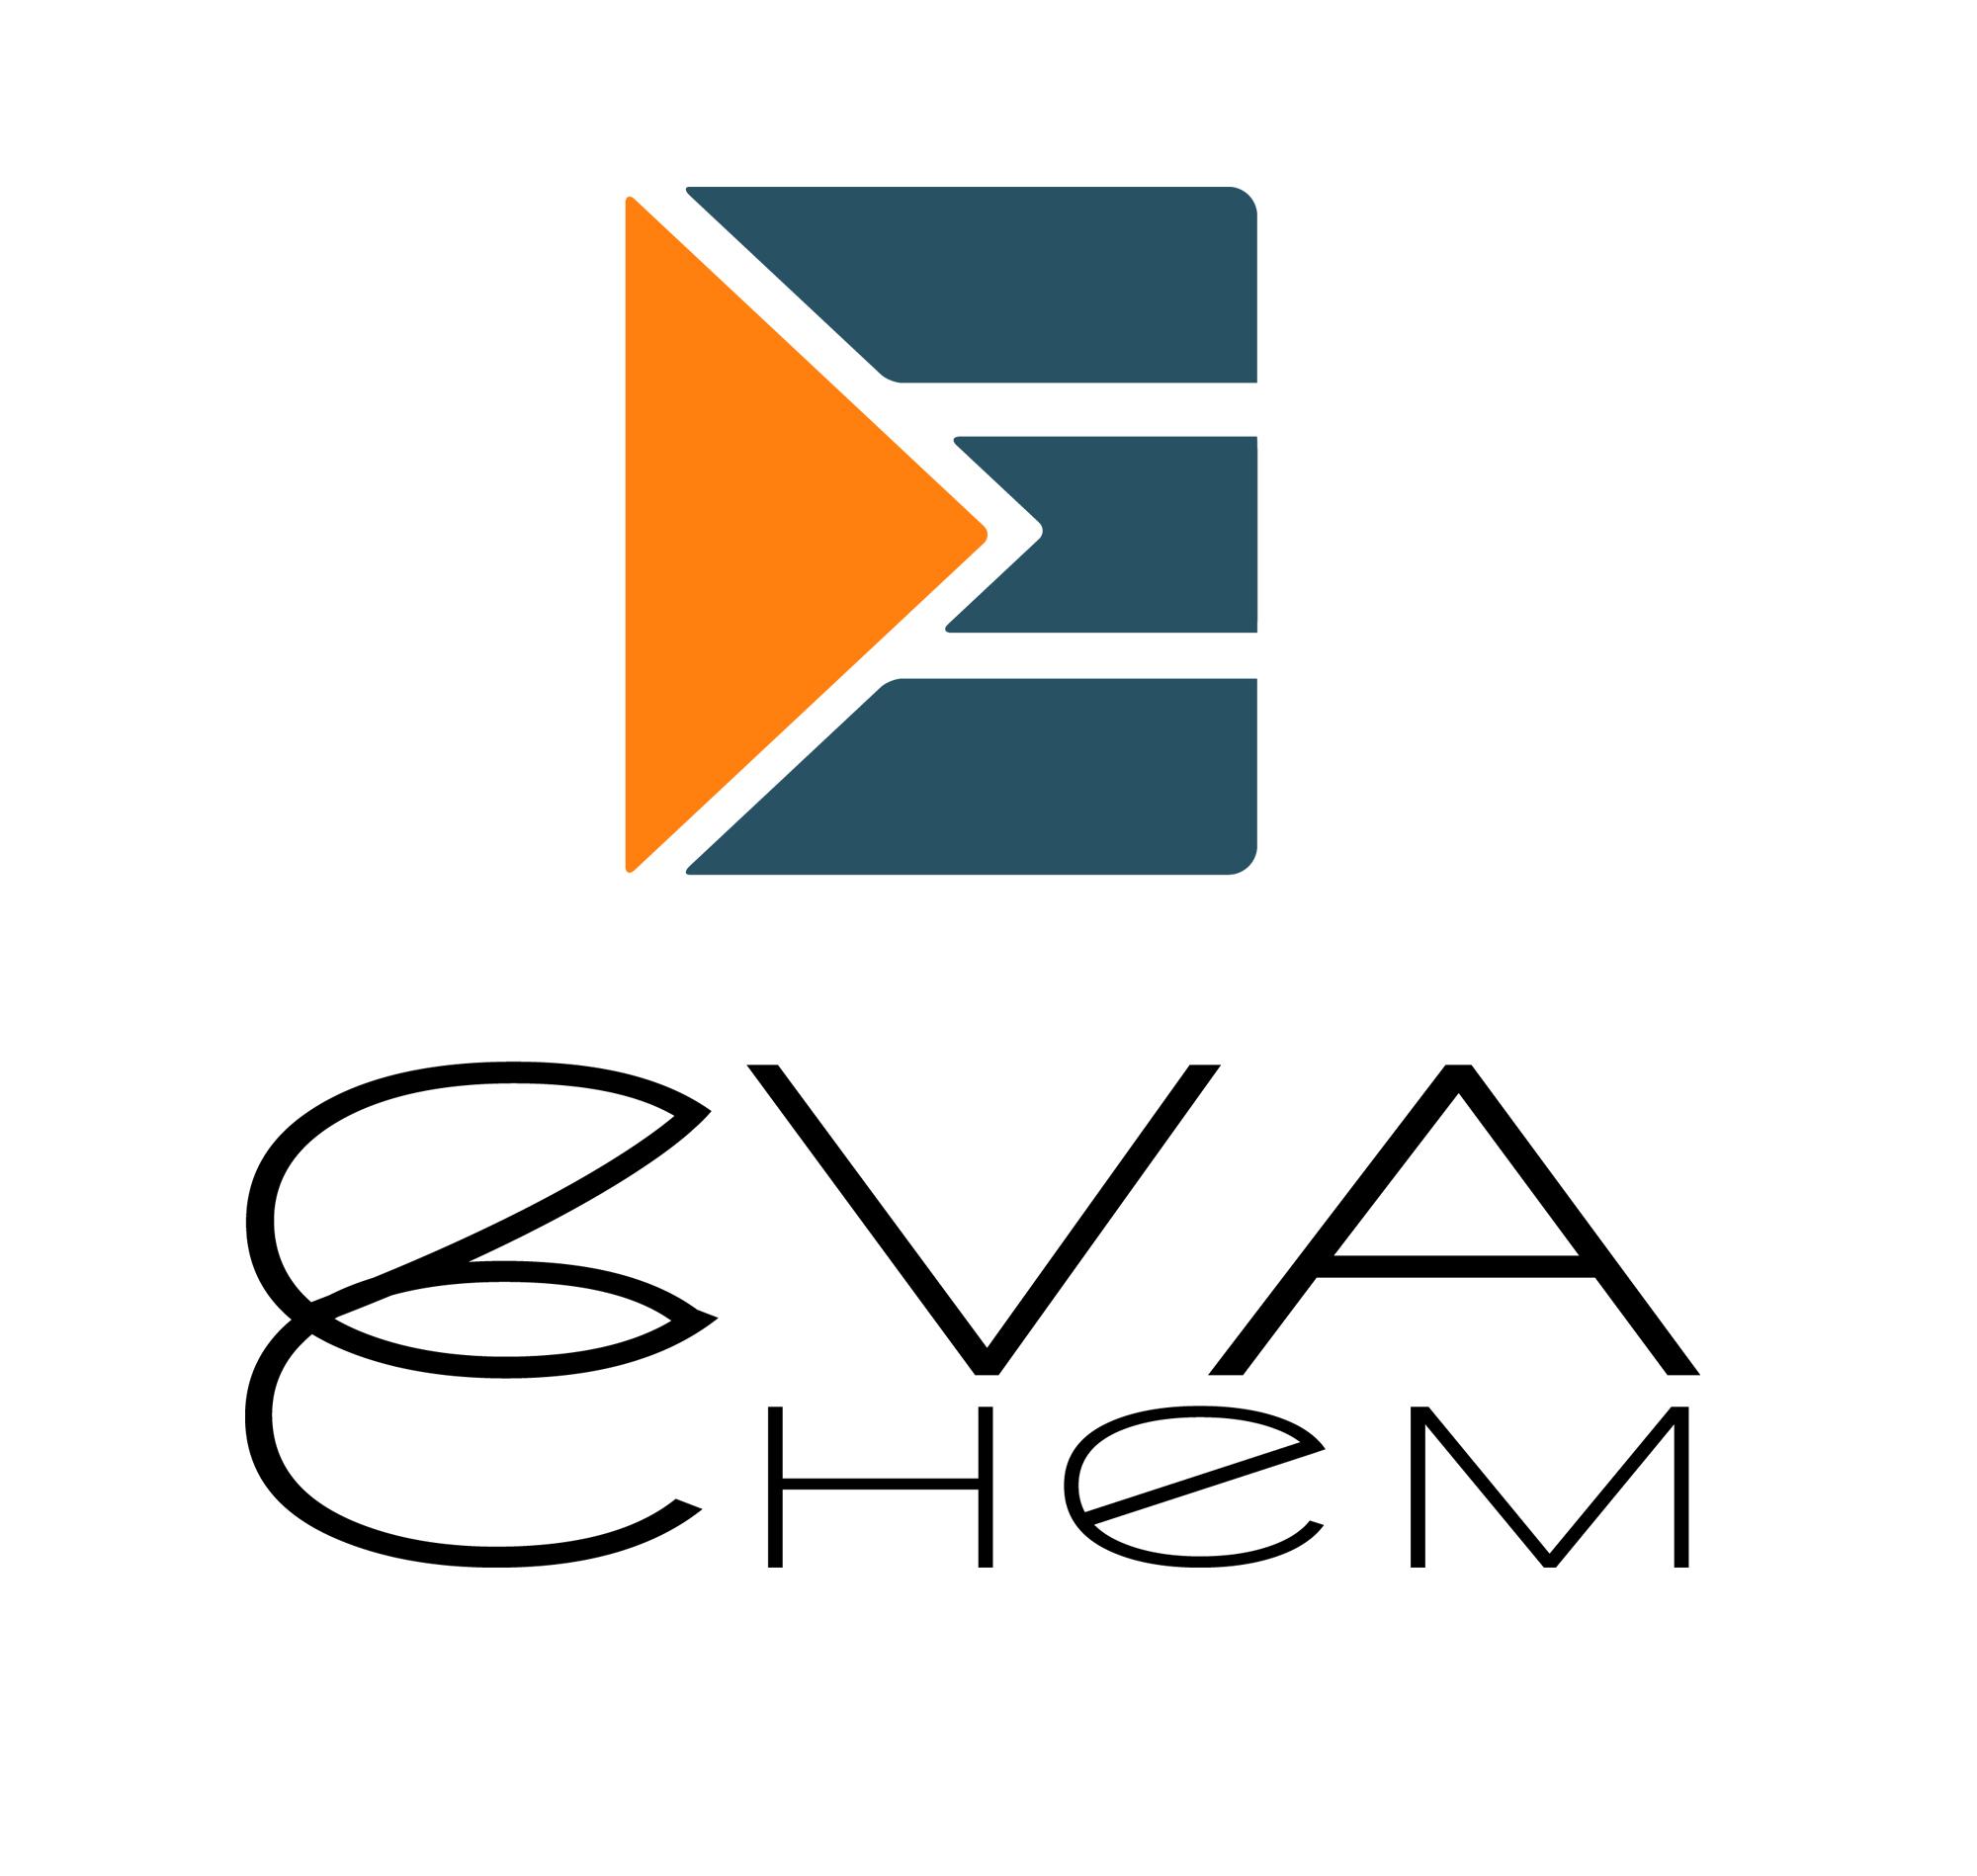 Разработка логотипа и фирменного стиля компании фото f_759572a4cc854fc5.jpg